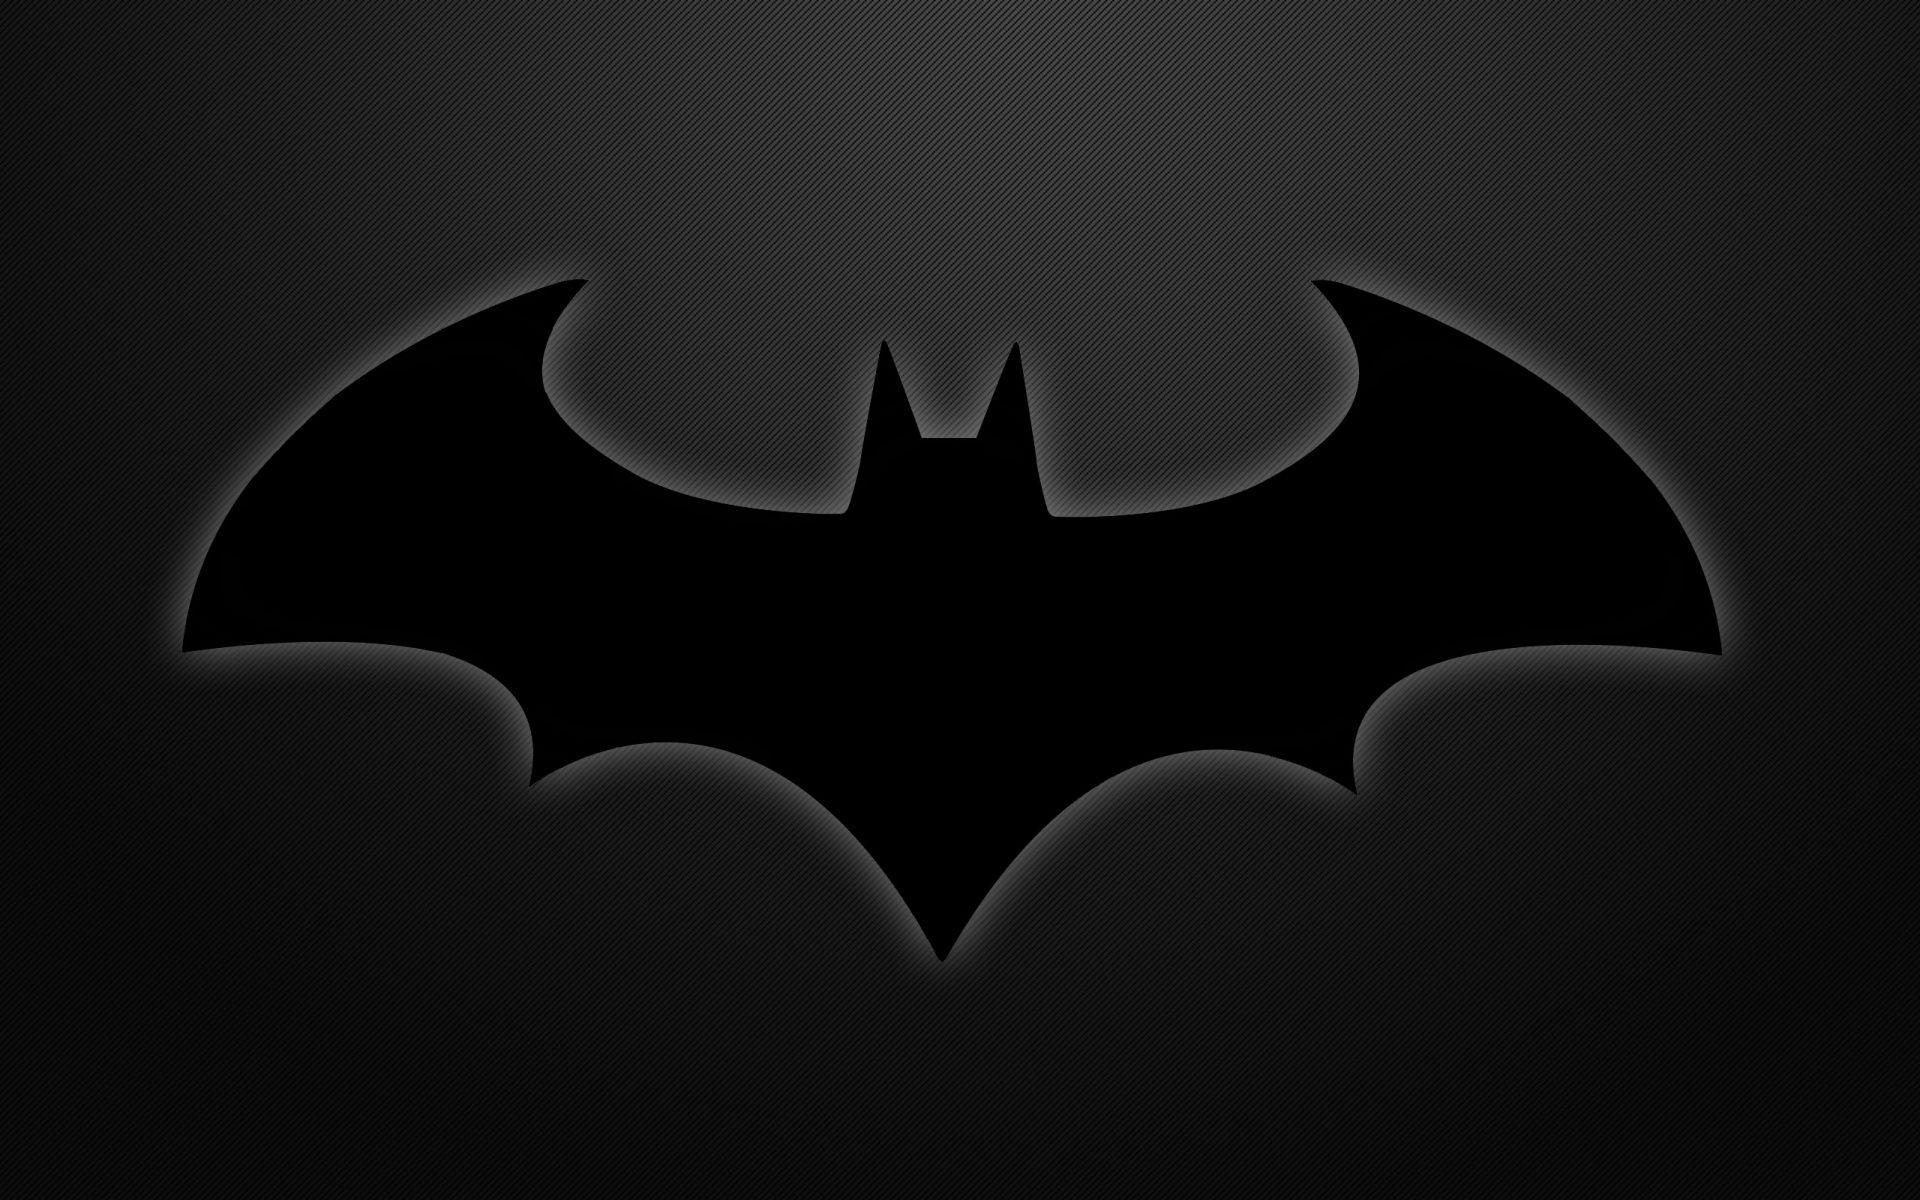 Значок Бэтмен фото и картинки (18)